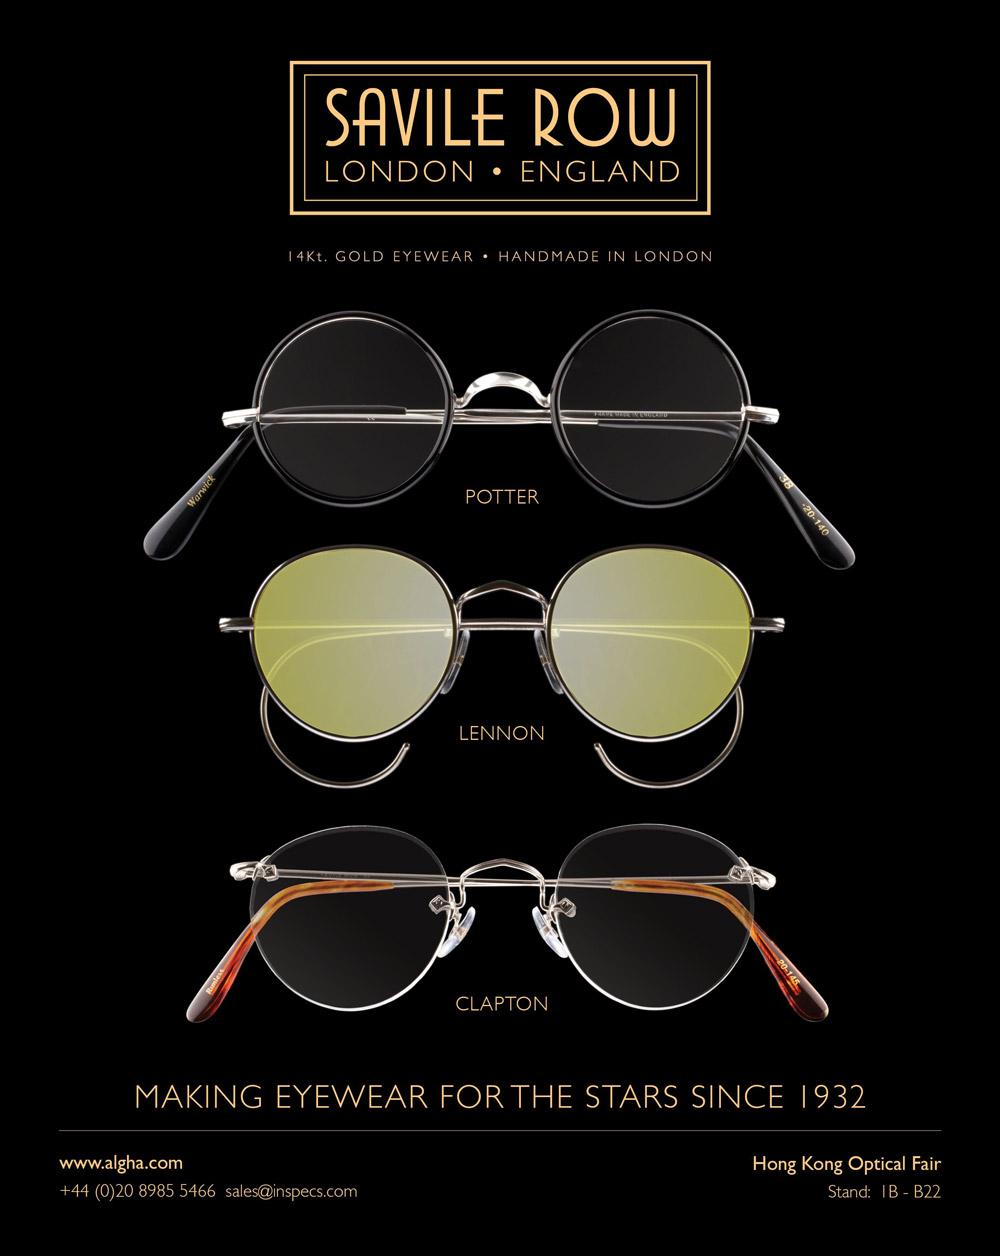 Savile Row Eyewear